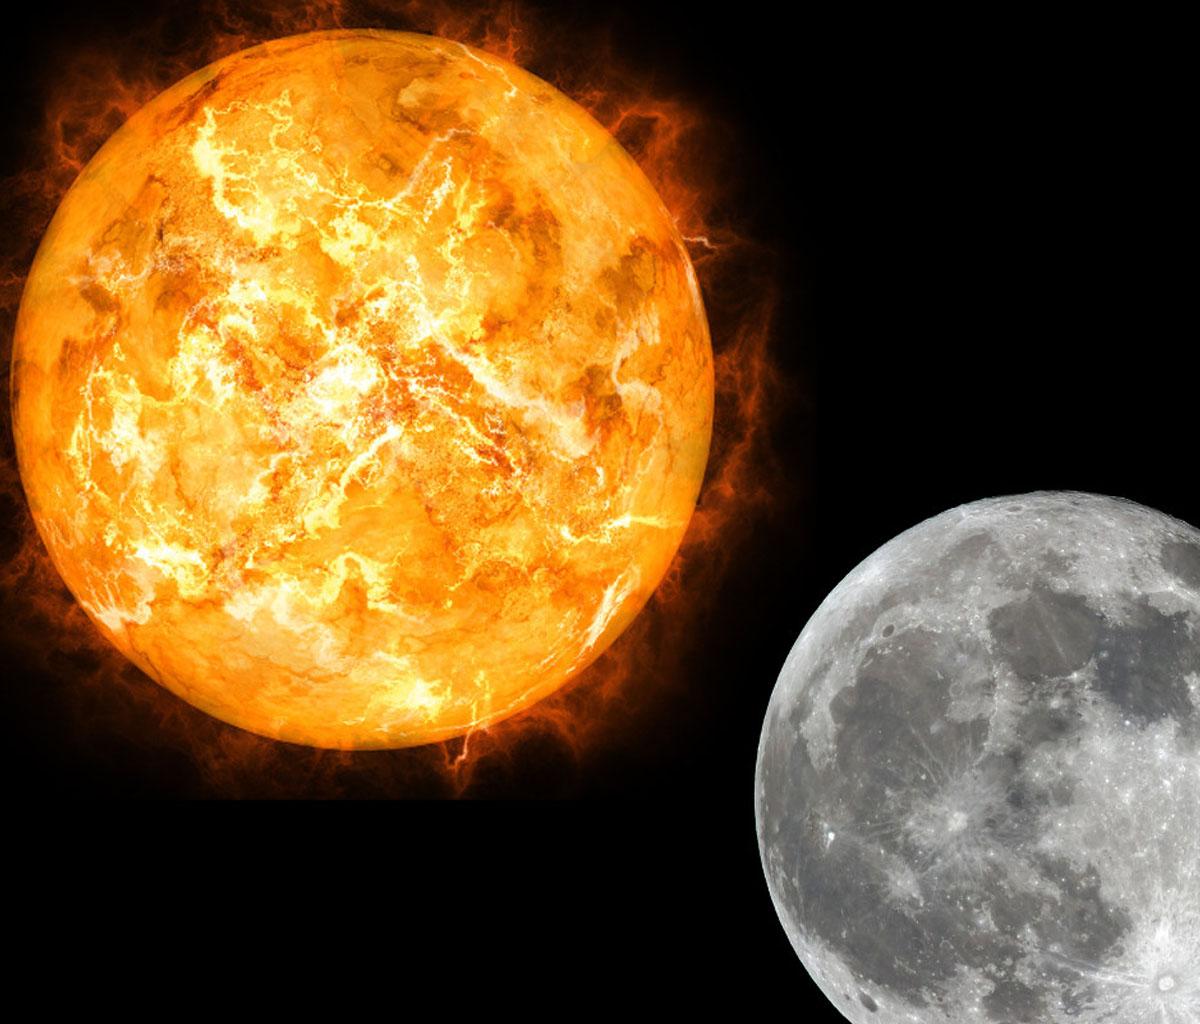 تفسير رؤية التقاء الشمس والقمر في المنام للمرأة الحامل